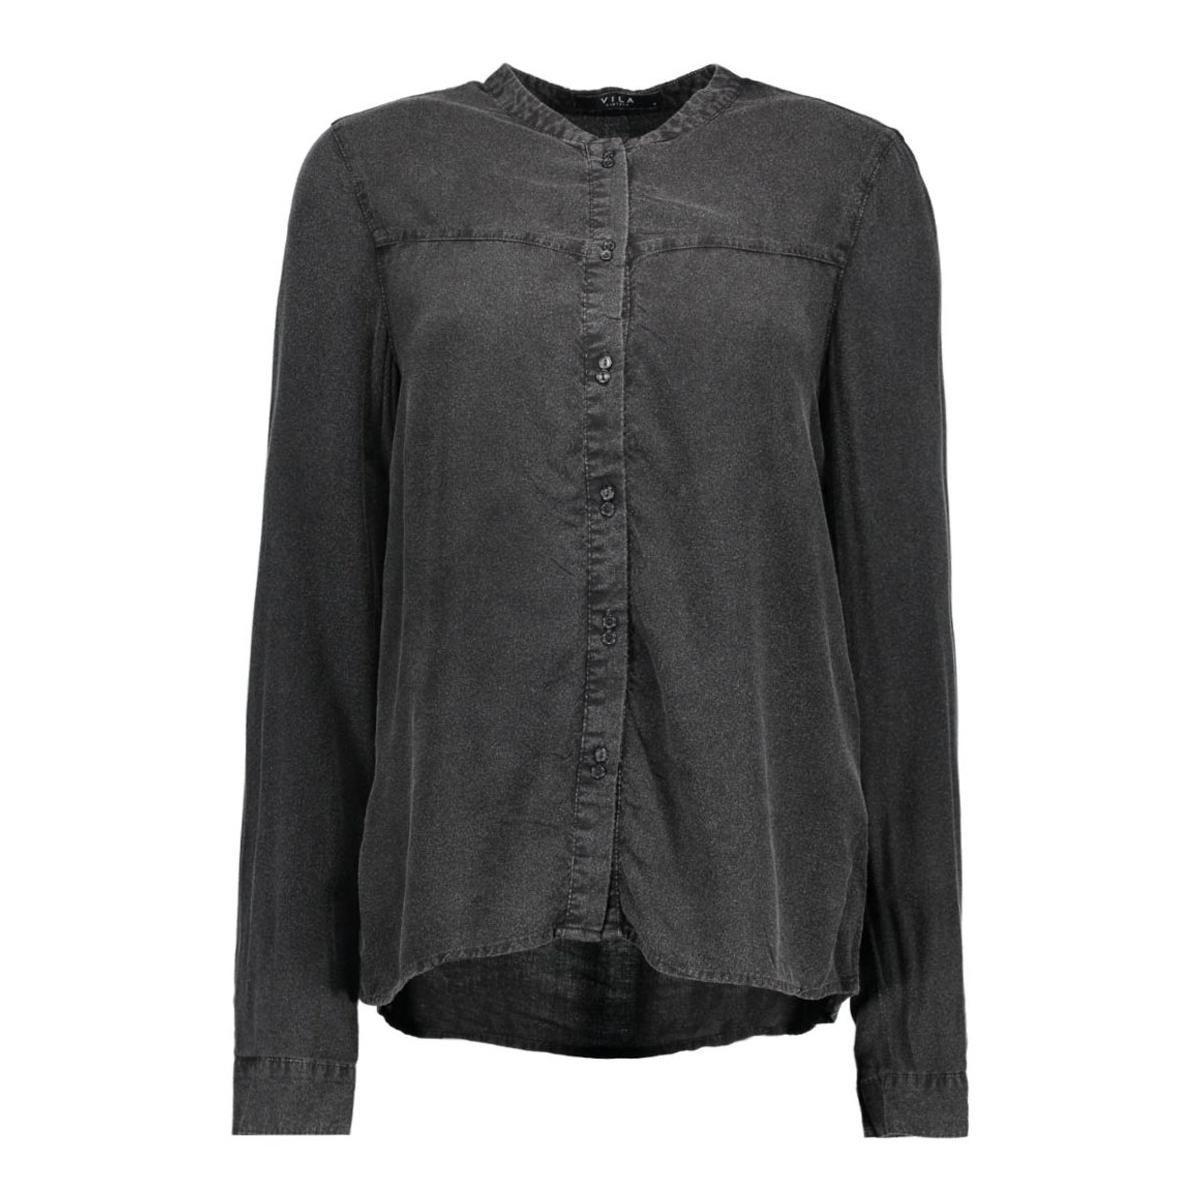 vicosa l/s shirt 14035707 vila blouse black